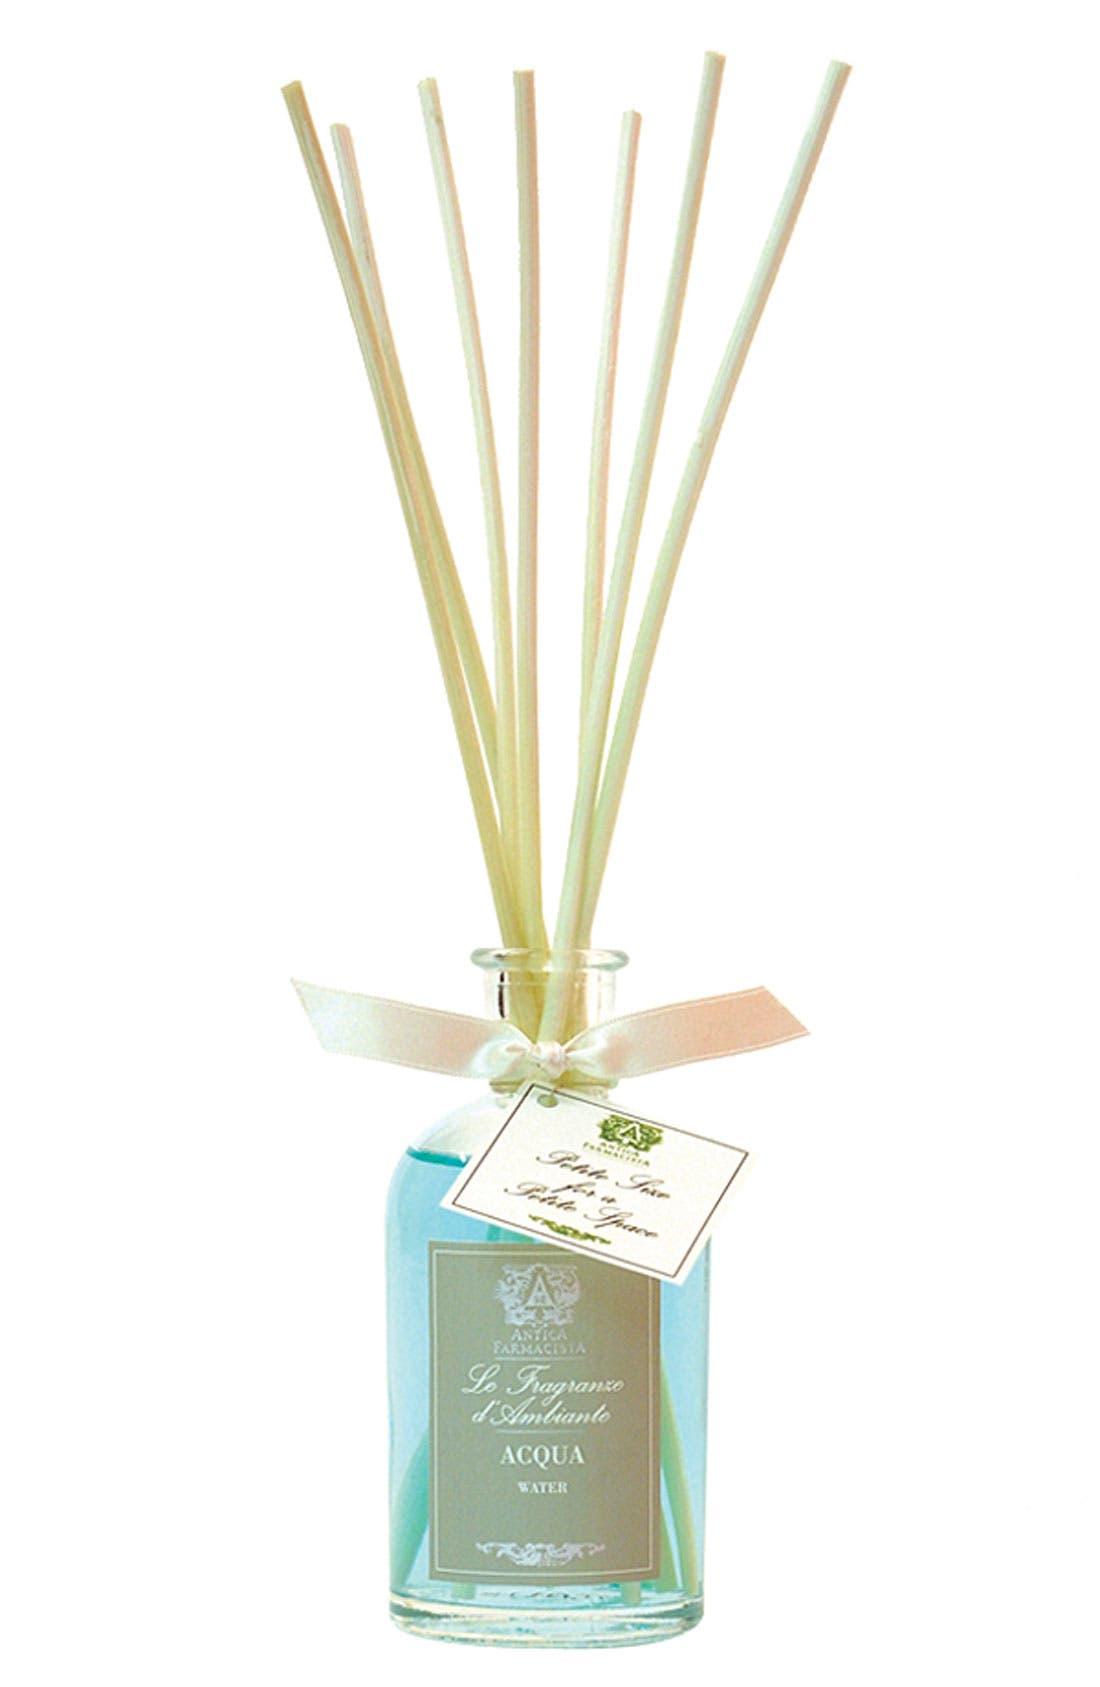 Antica Farmacista Acqua Home Ambiance Perfume (3.3 oz.)